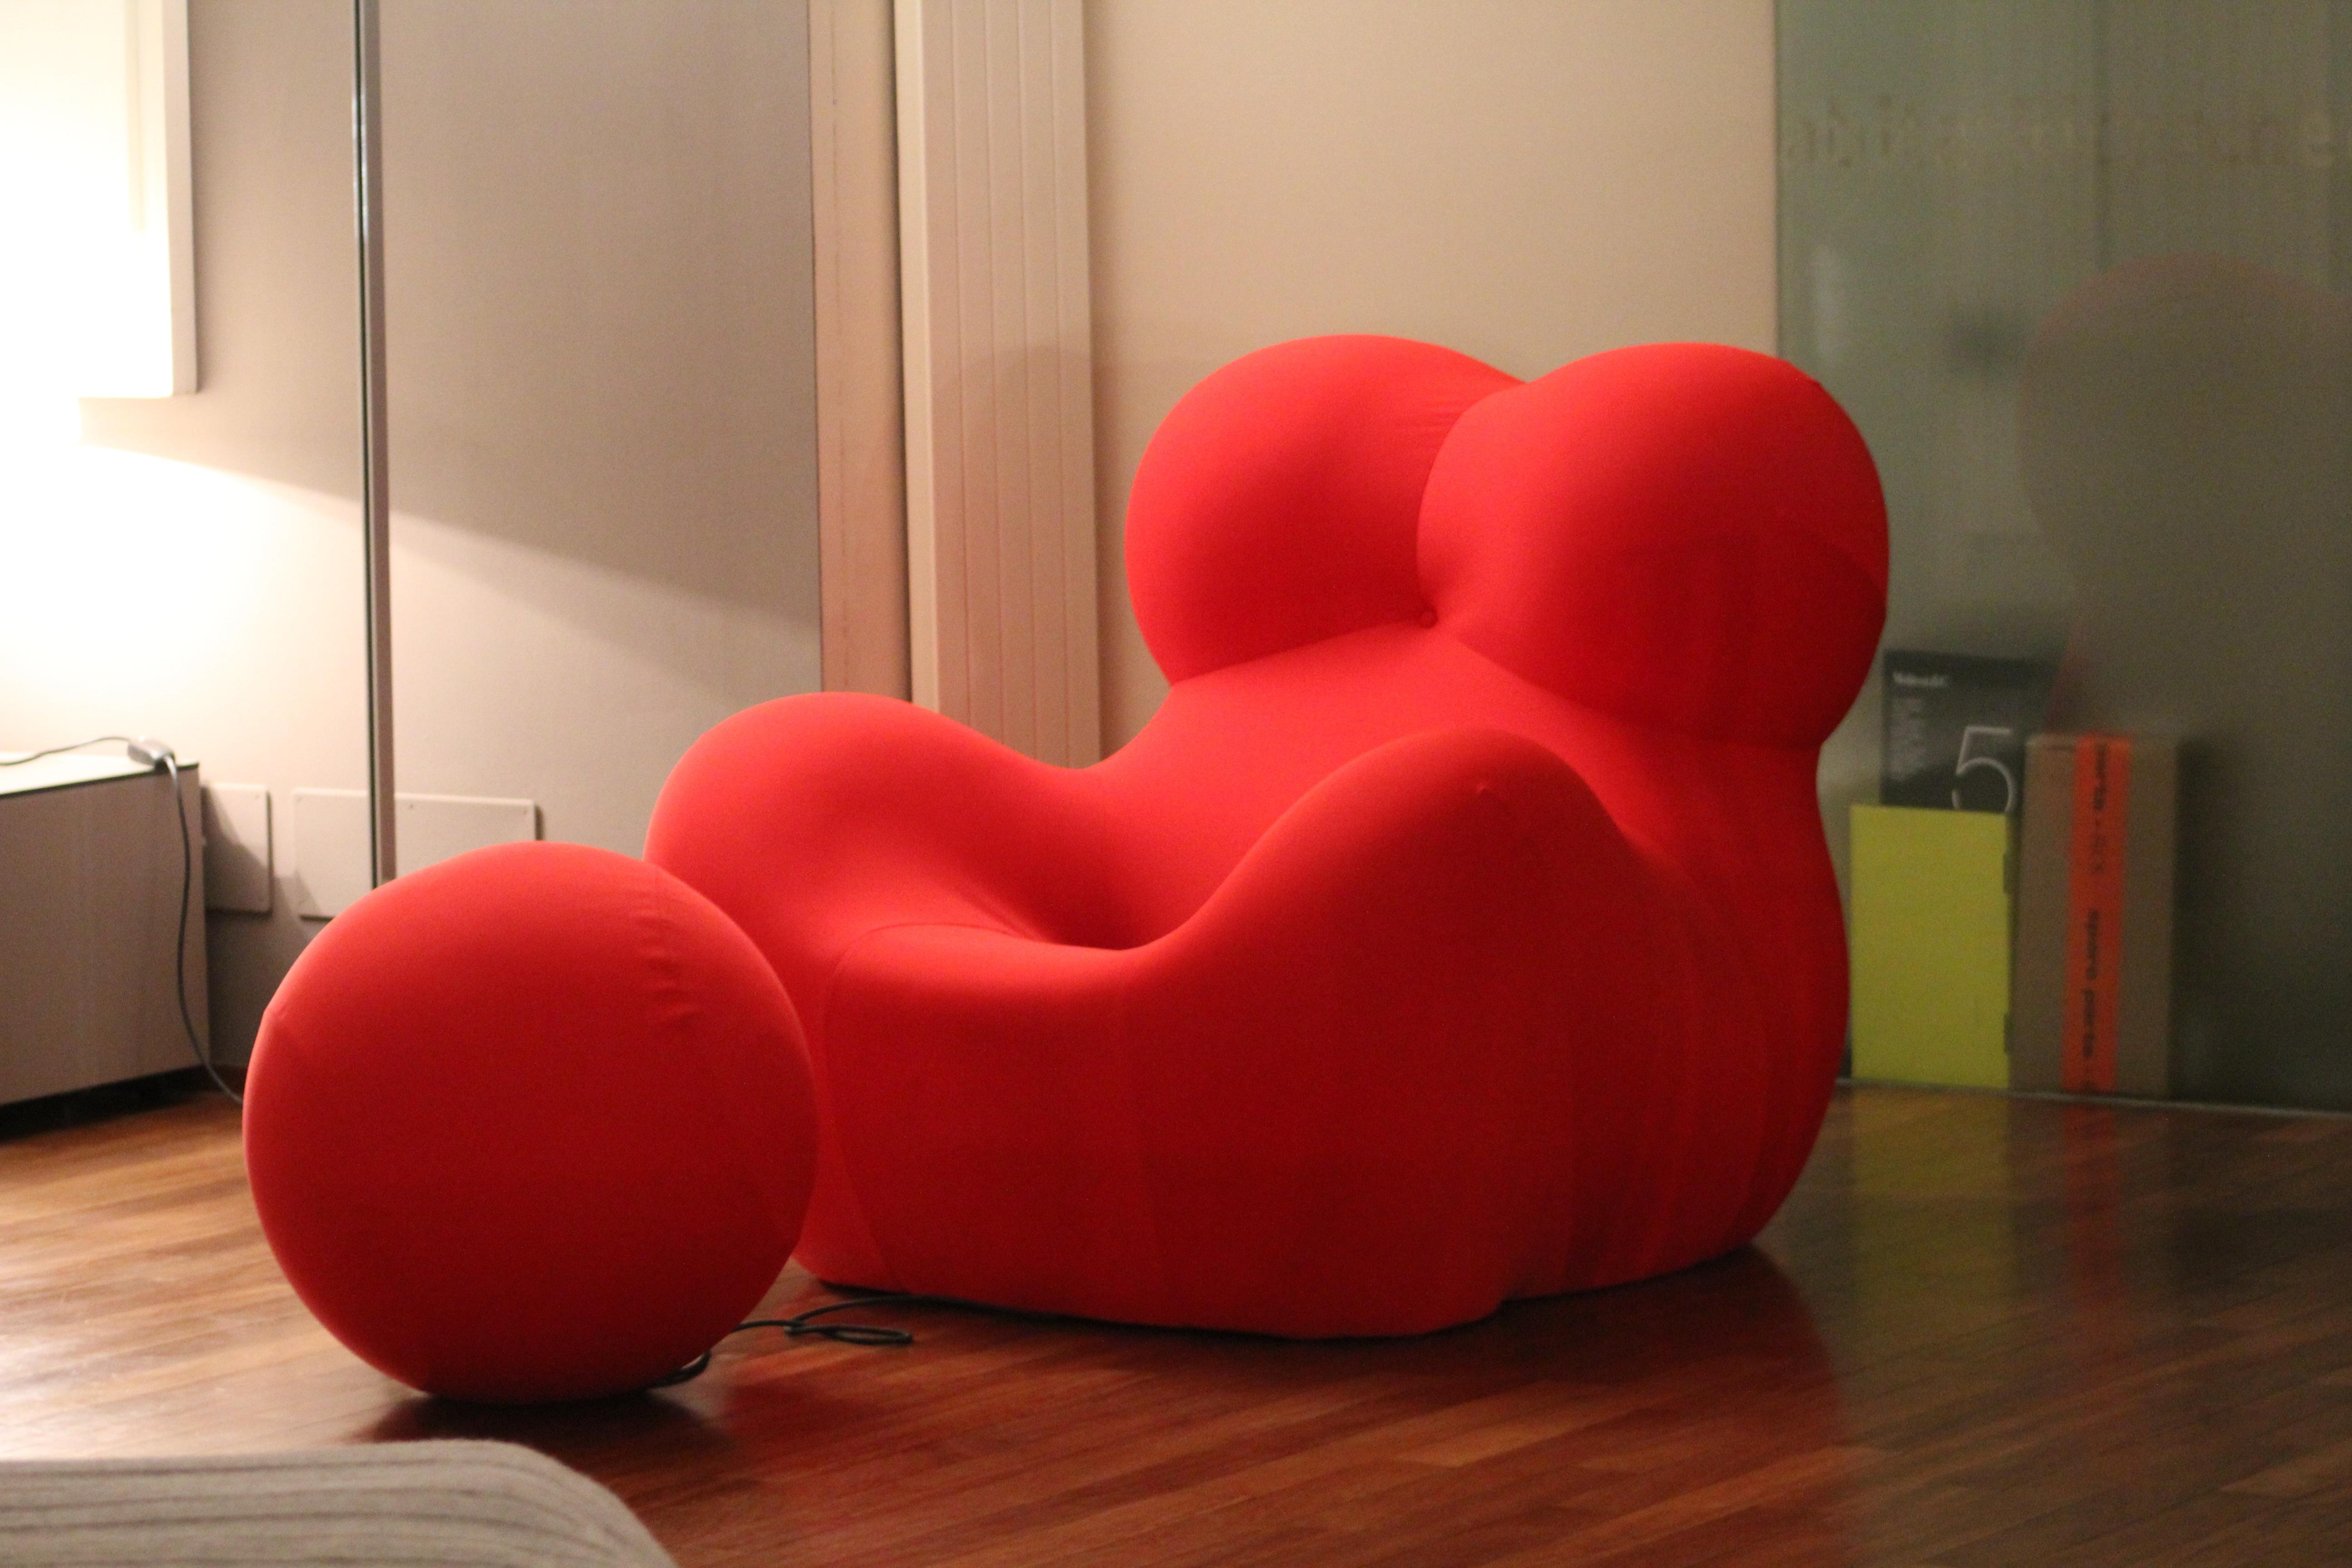 Kostenlose foto : Haus, Sessel, Innere, rot, Farbe, Wohnzimmer ...